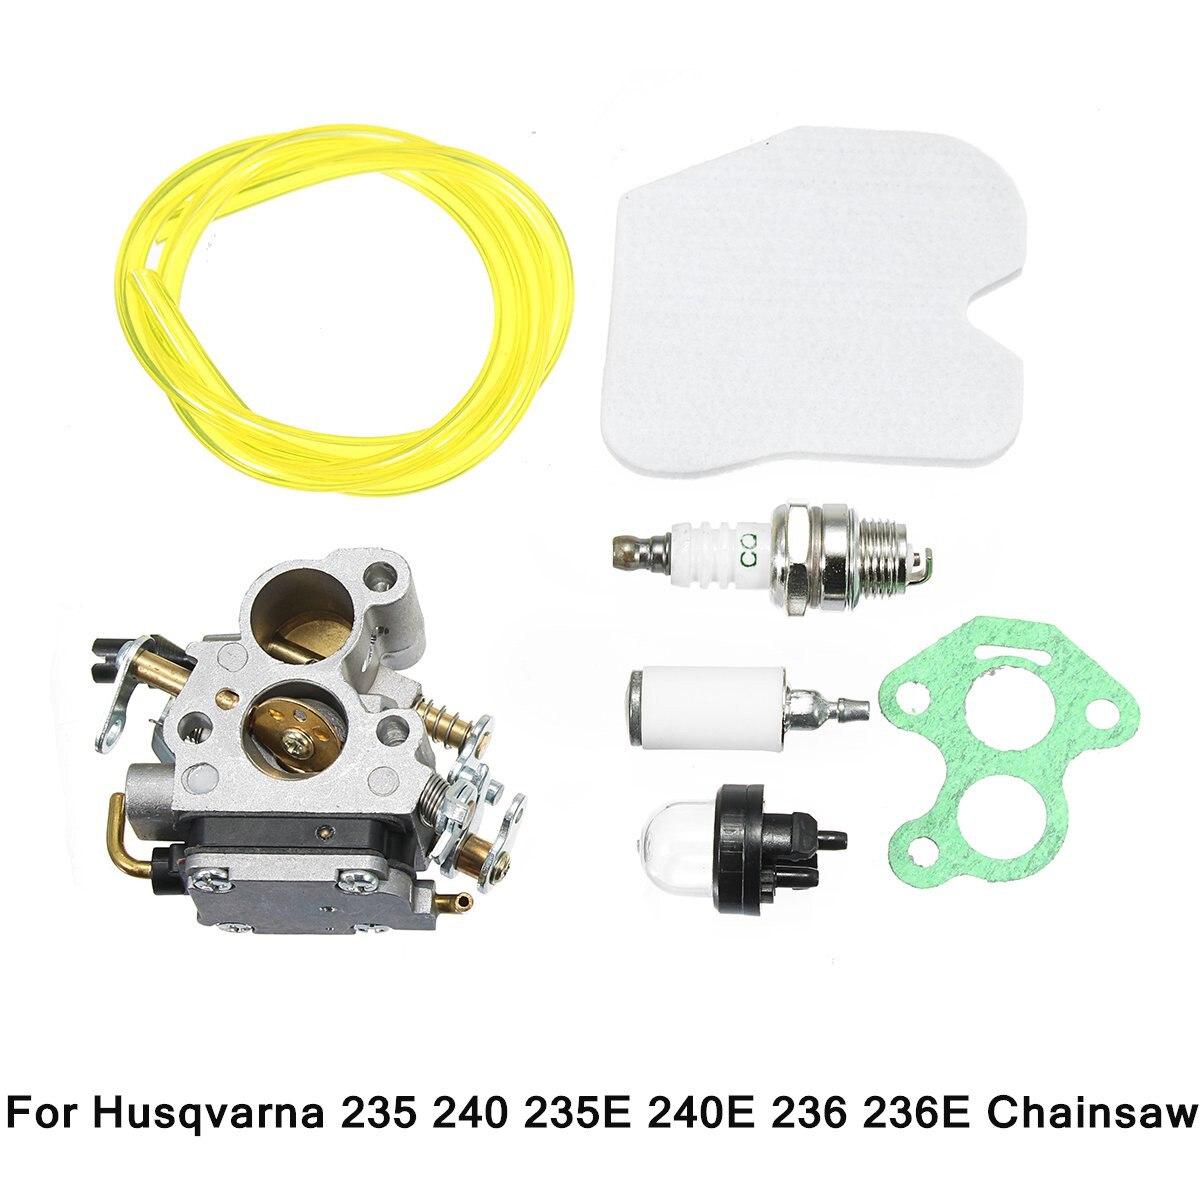 545072601 574719402 One set Carburetor Carb 574719402 For Husqvarna/235 235E 236 240 240E for Chainsaw